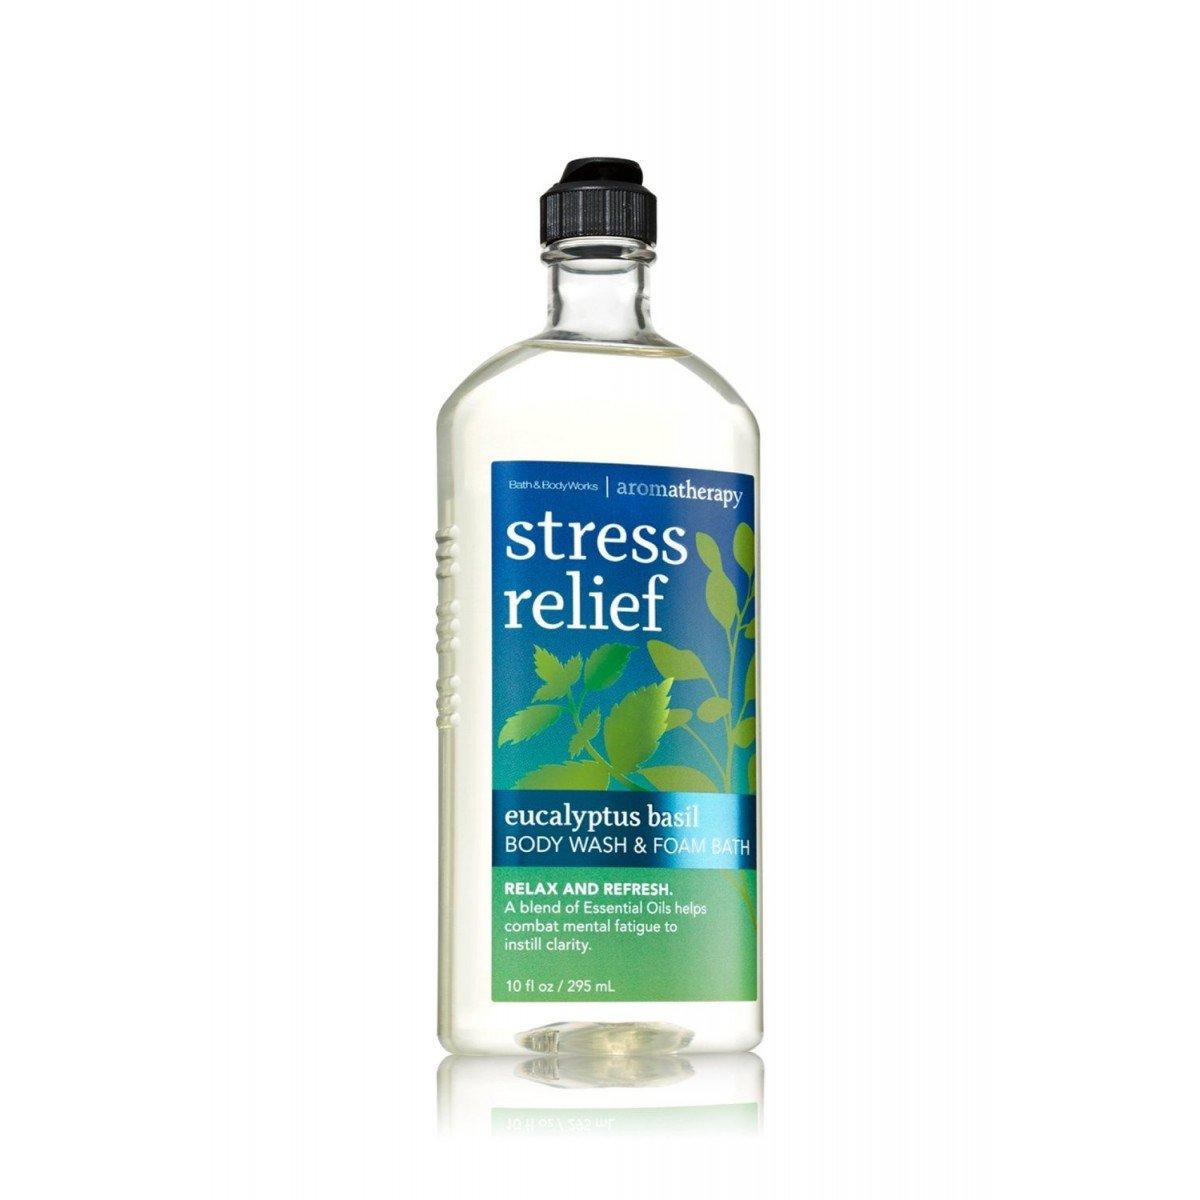 Bath & Body Works Aromatherapy Stress Relief - Eucalyptus + Spearmint Body Wash & Foam Bath, 10 Fl Oz 890221286198